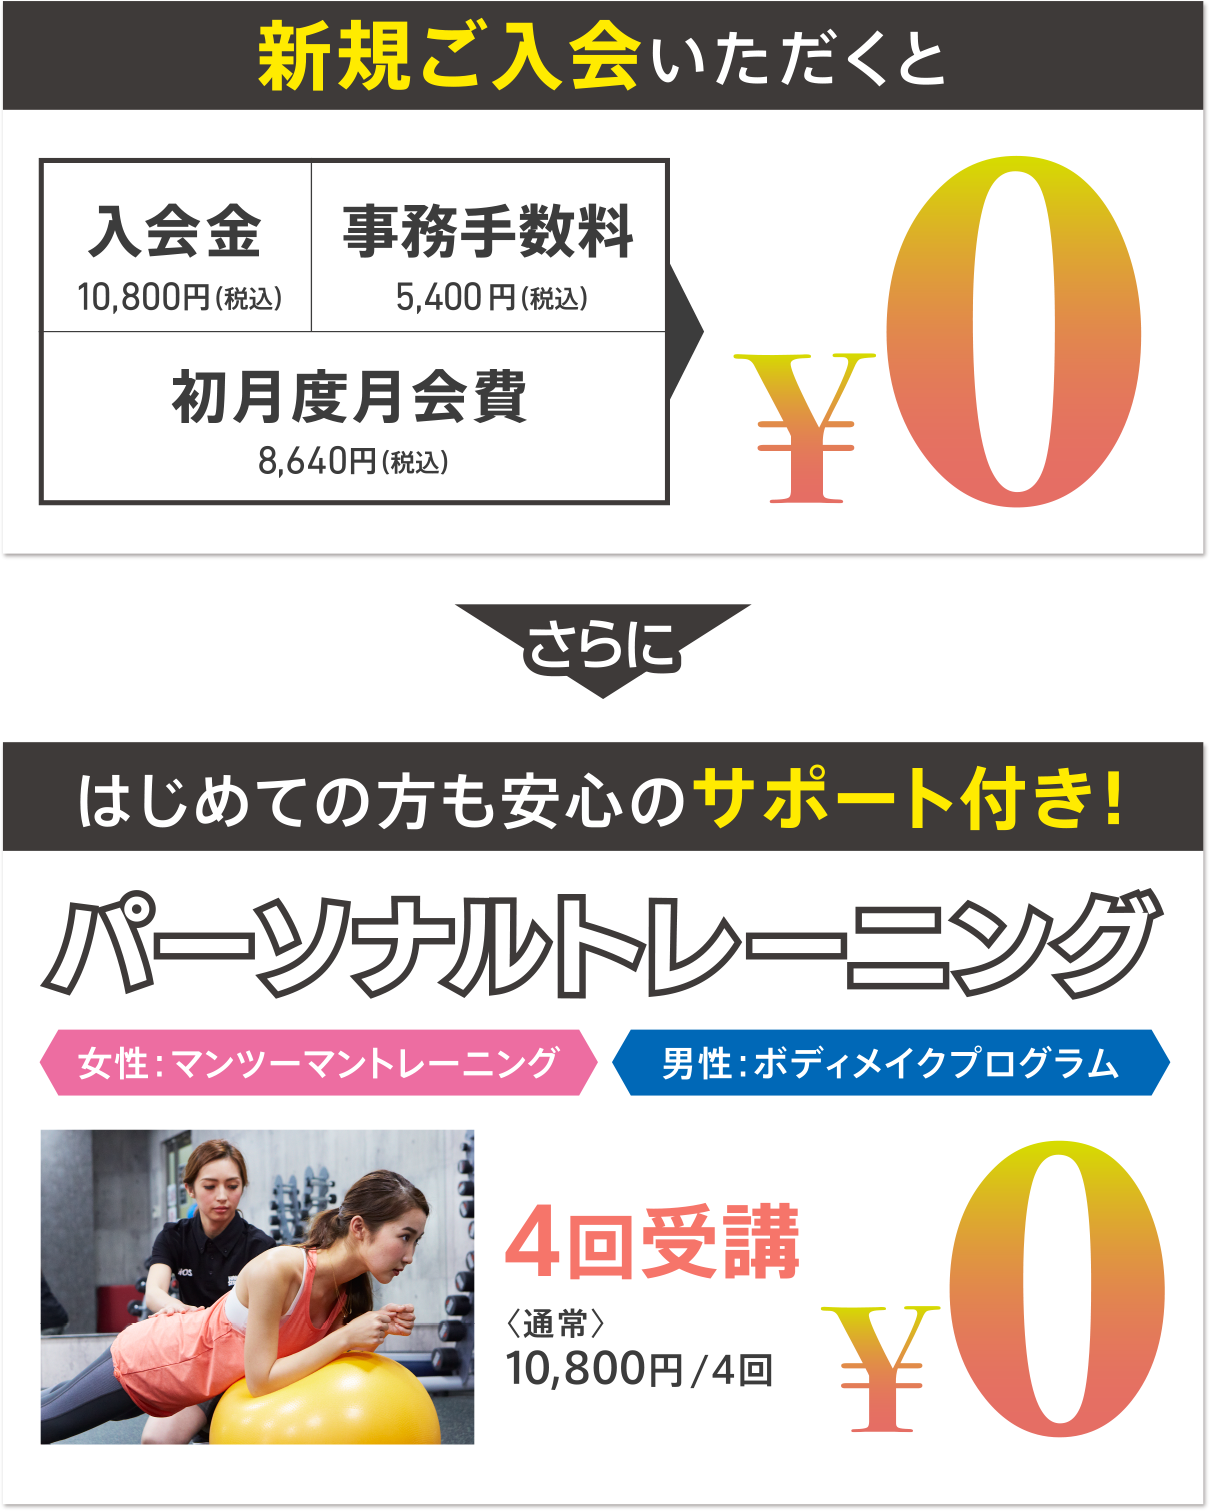 201812-campaign-02